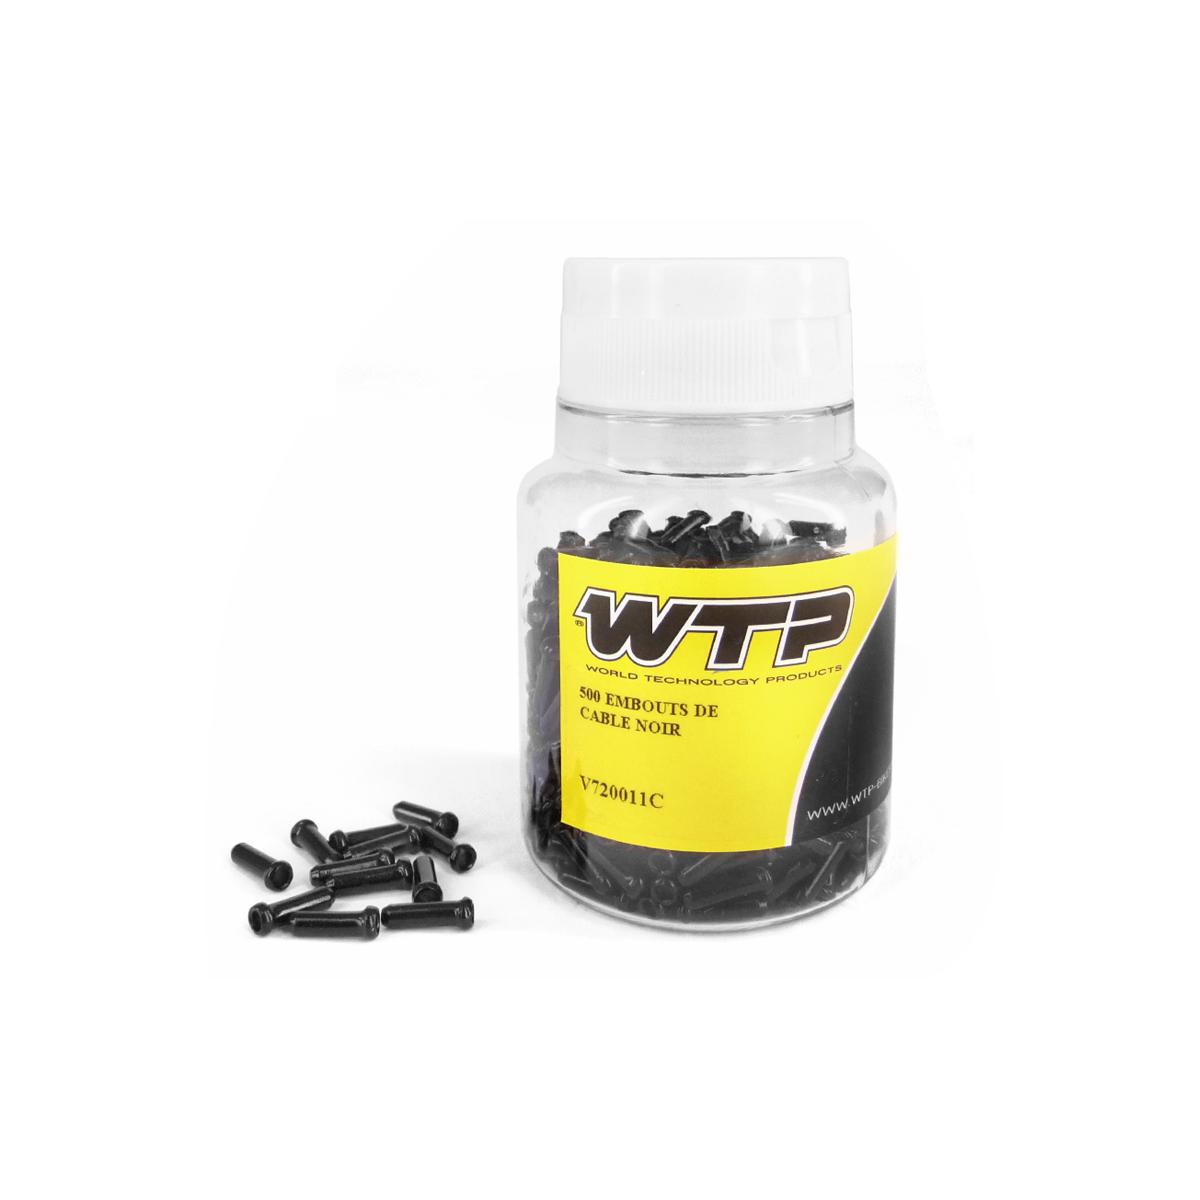 Embouts de câble WTP noir (boite de 500)